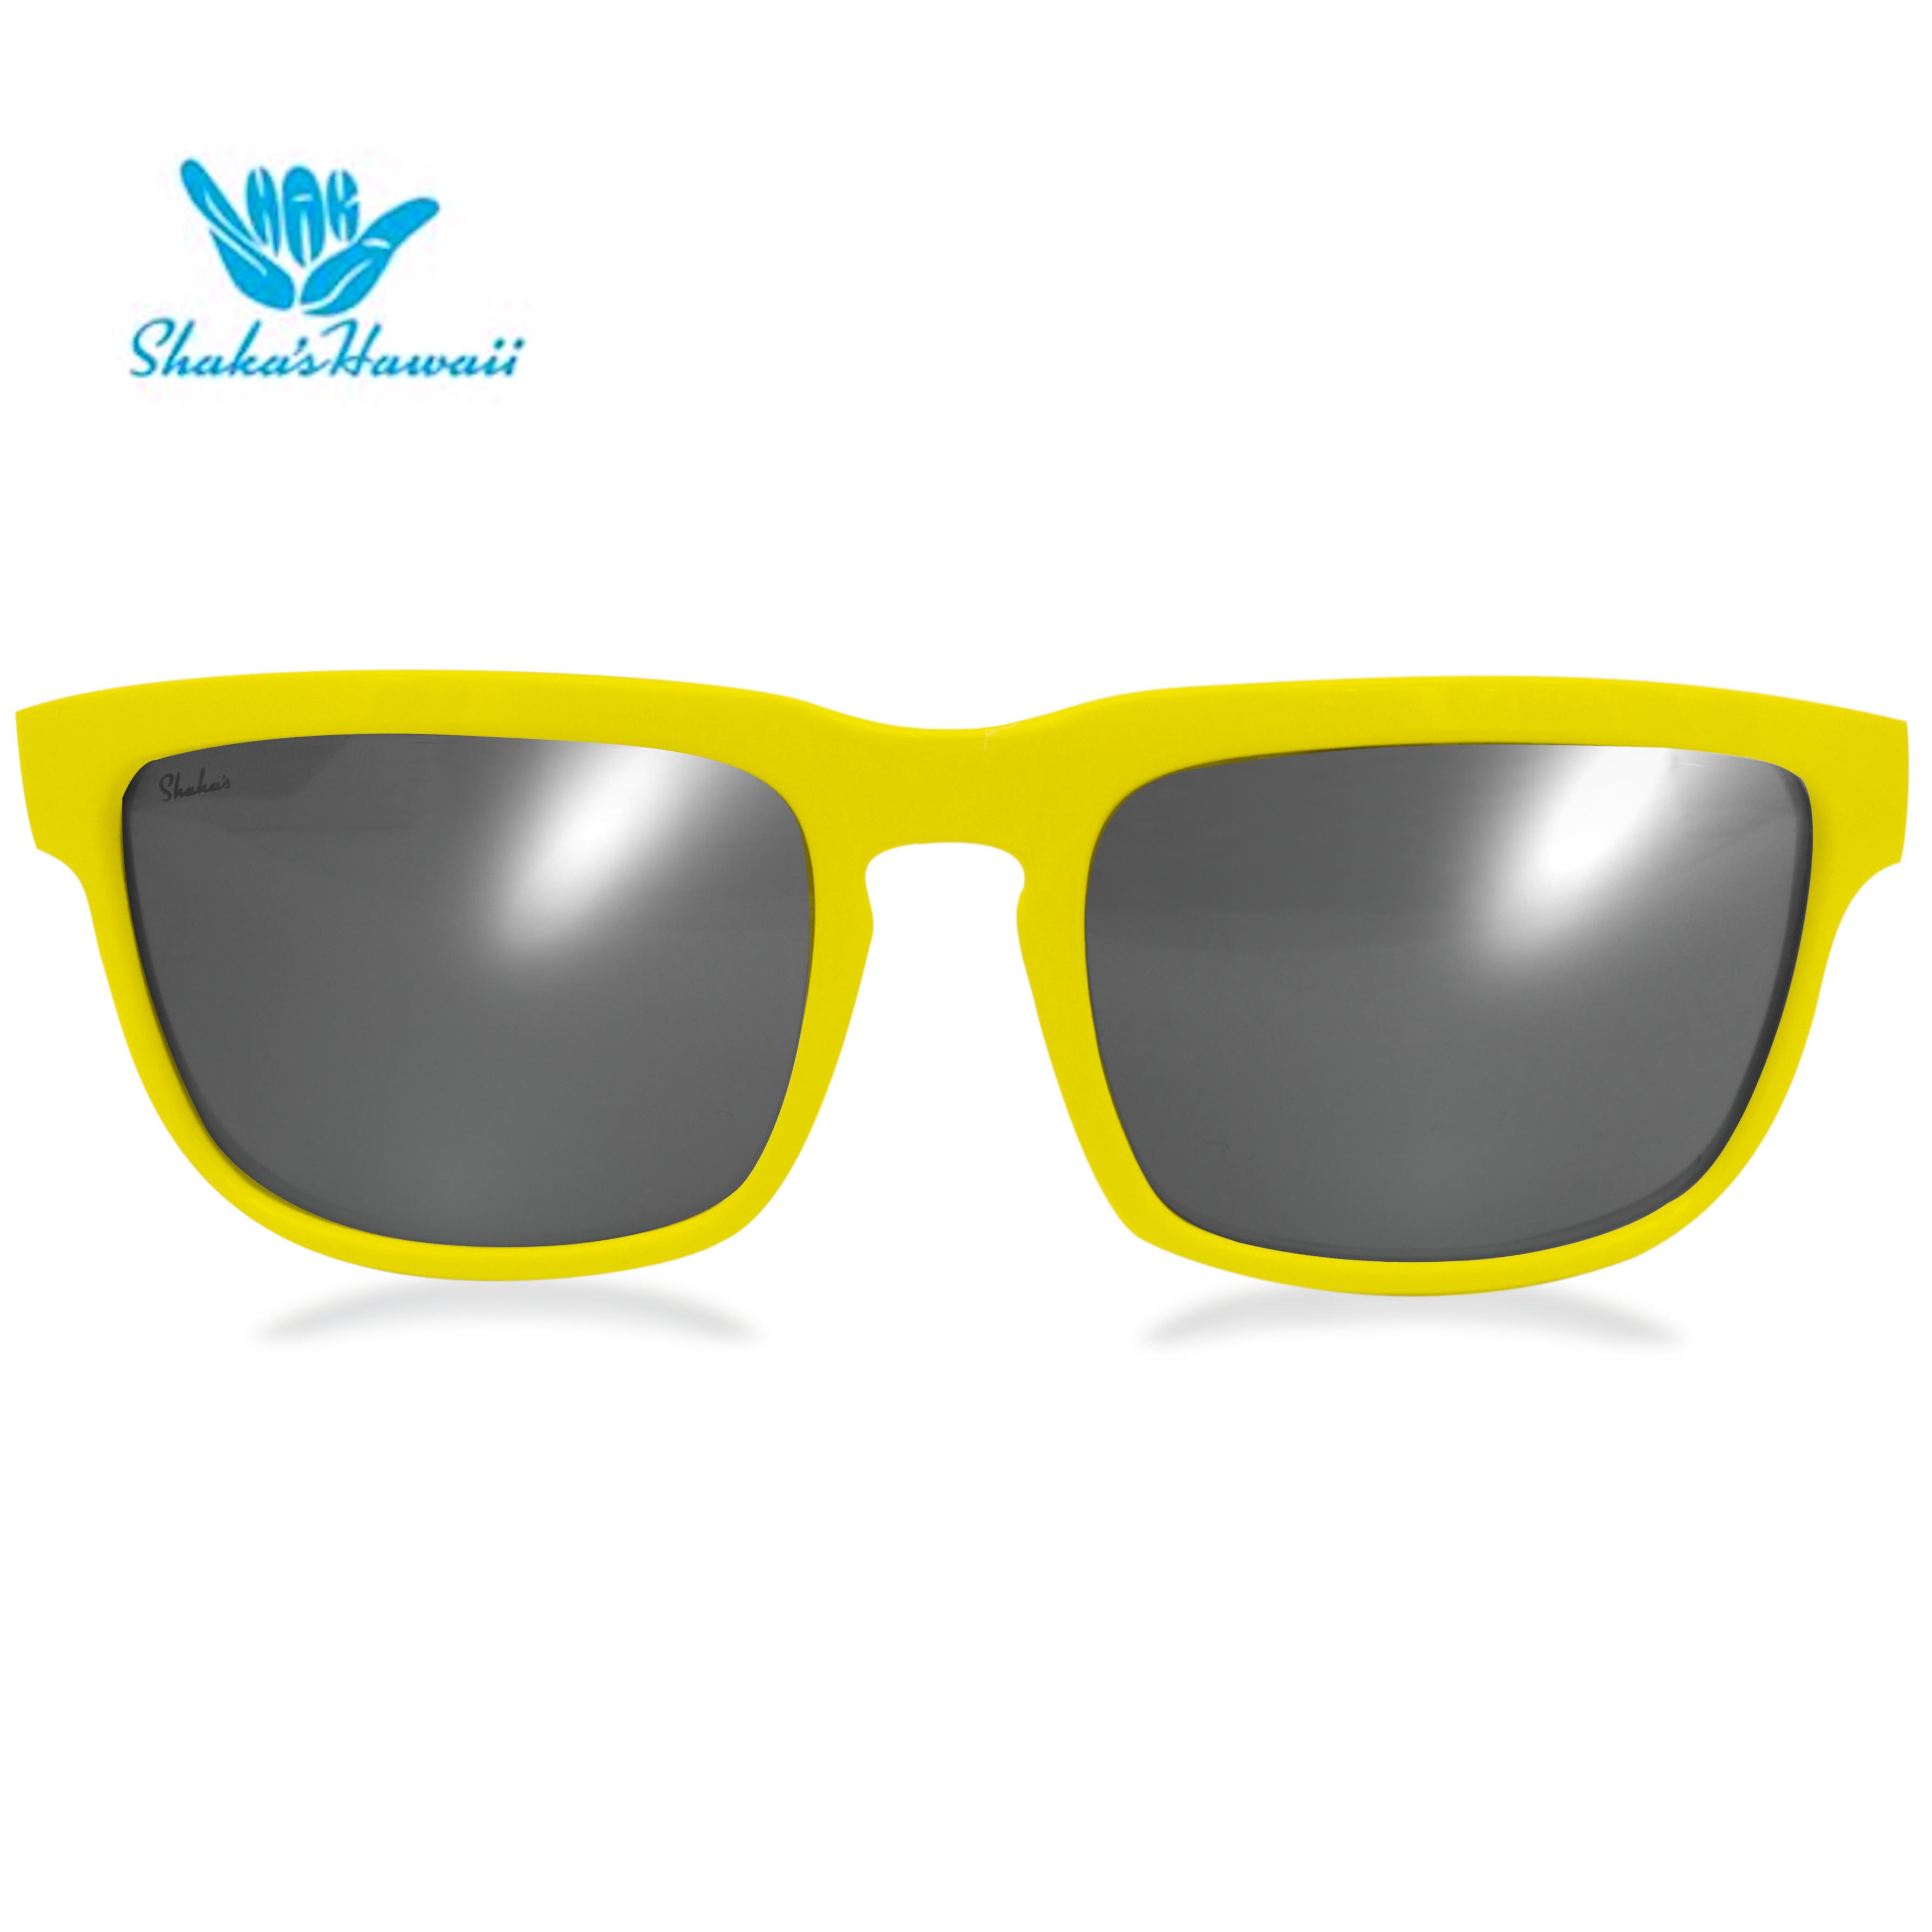 Bruno(ブルーノ)イエロー(レンズシルバー、つるイエロー)Shaka's Hawaii Sunglasses(シャカサングラス)